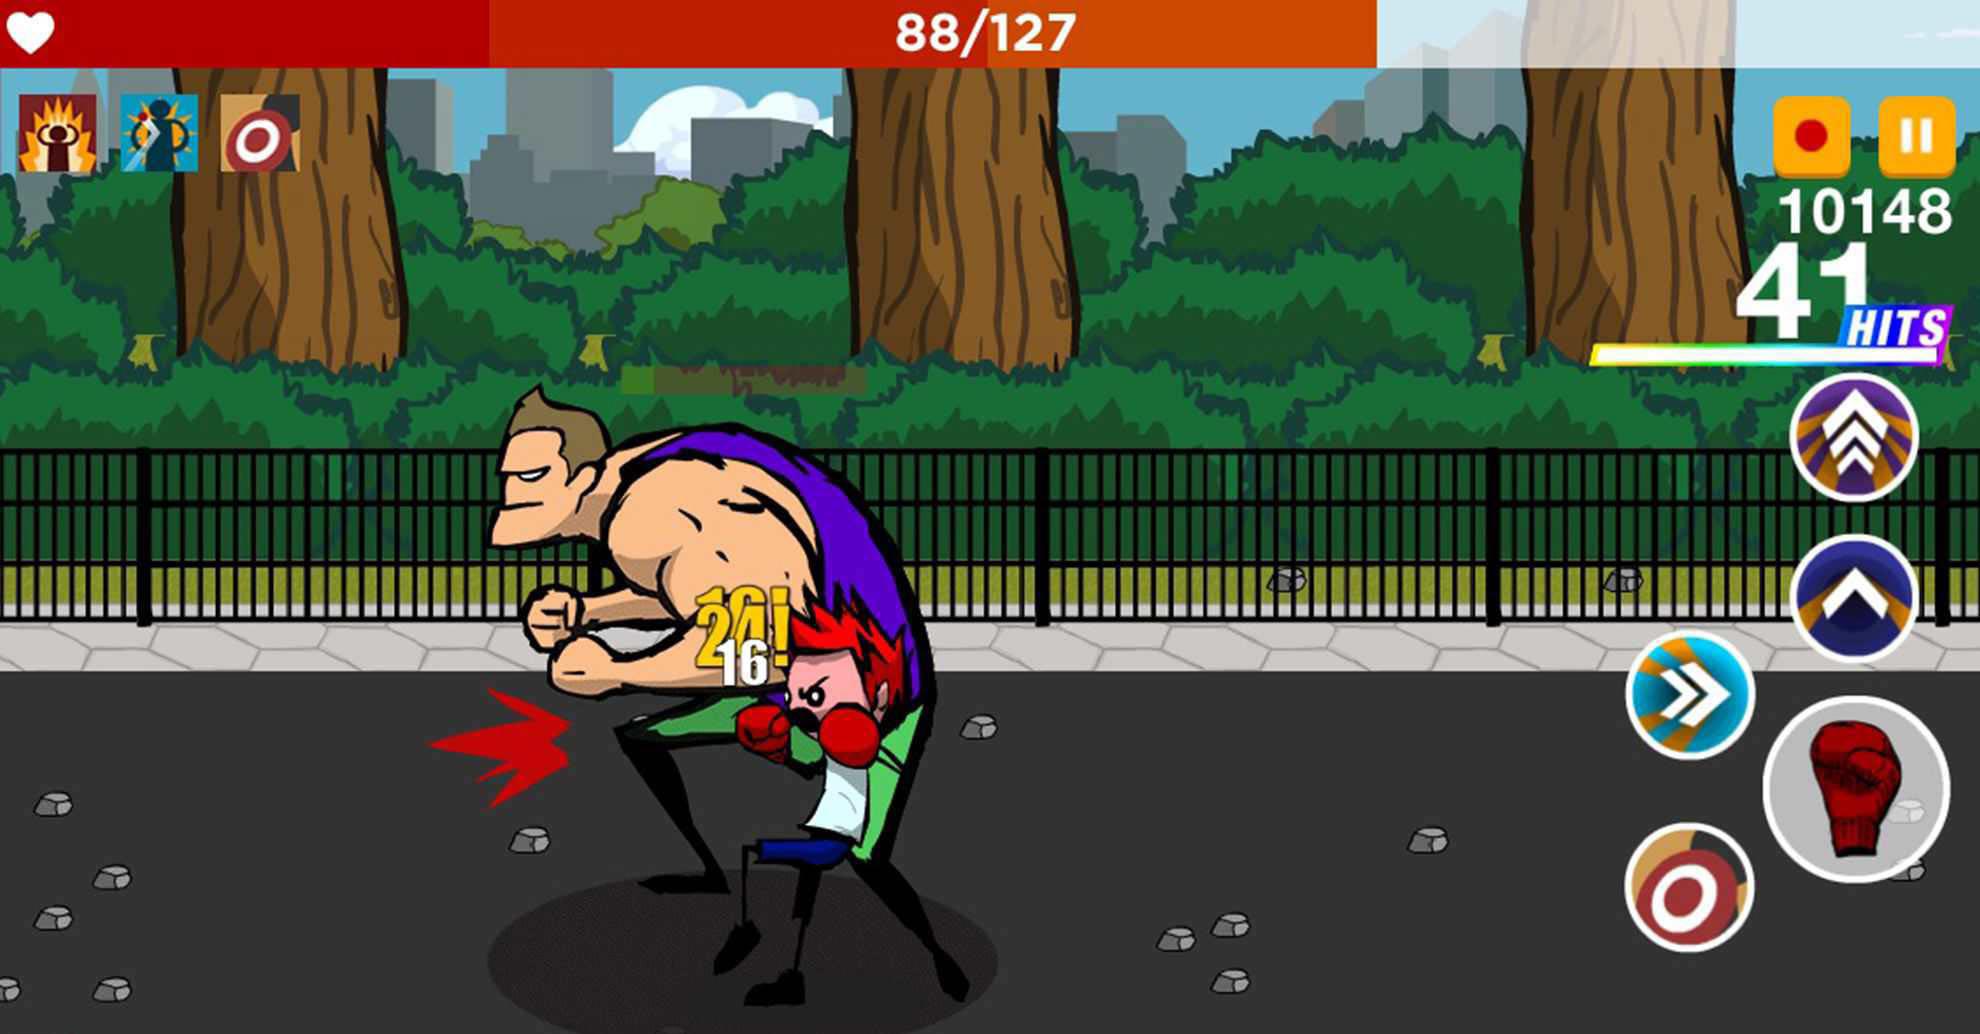 بررسی بازی موبایل Justice Royale